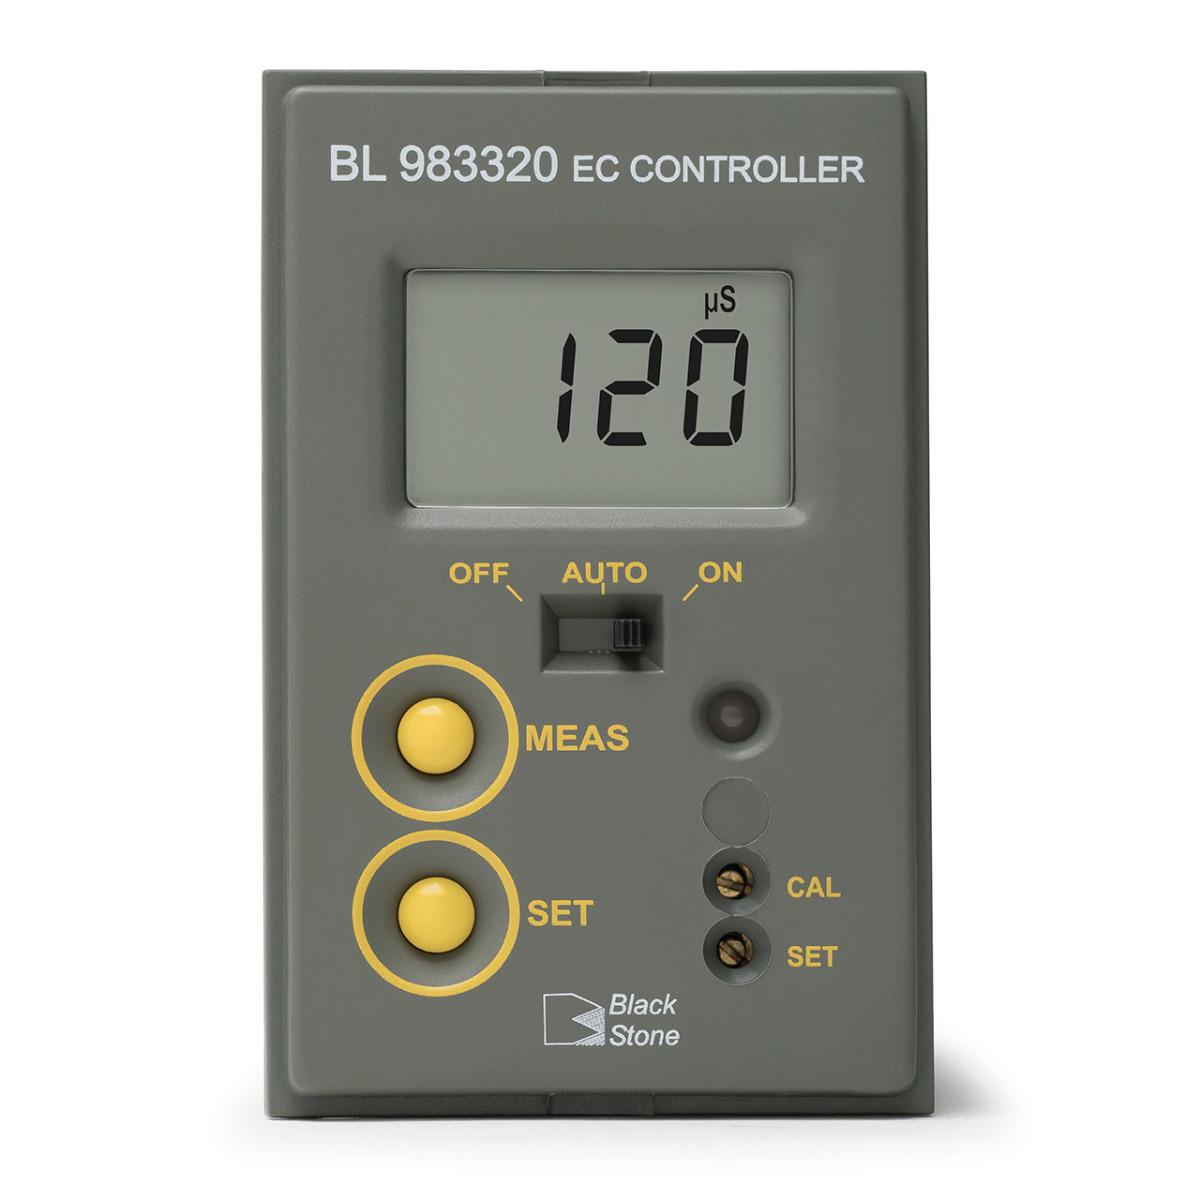 Conductivity (EC) Controller (0.0 - 199.9 μS/cm) - BL983320